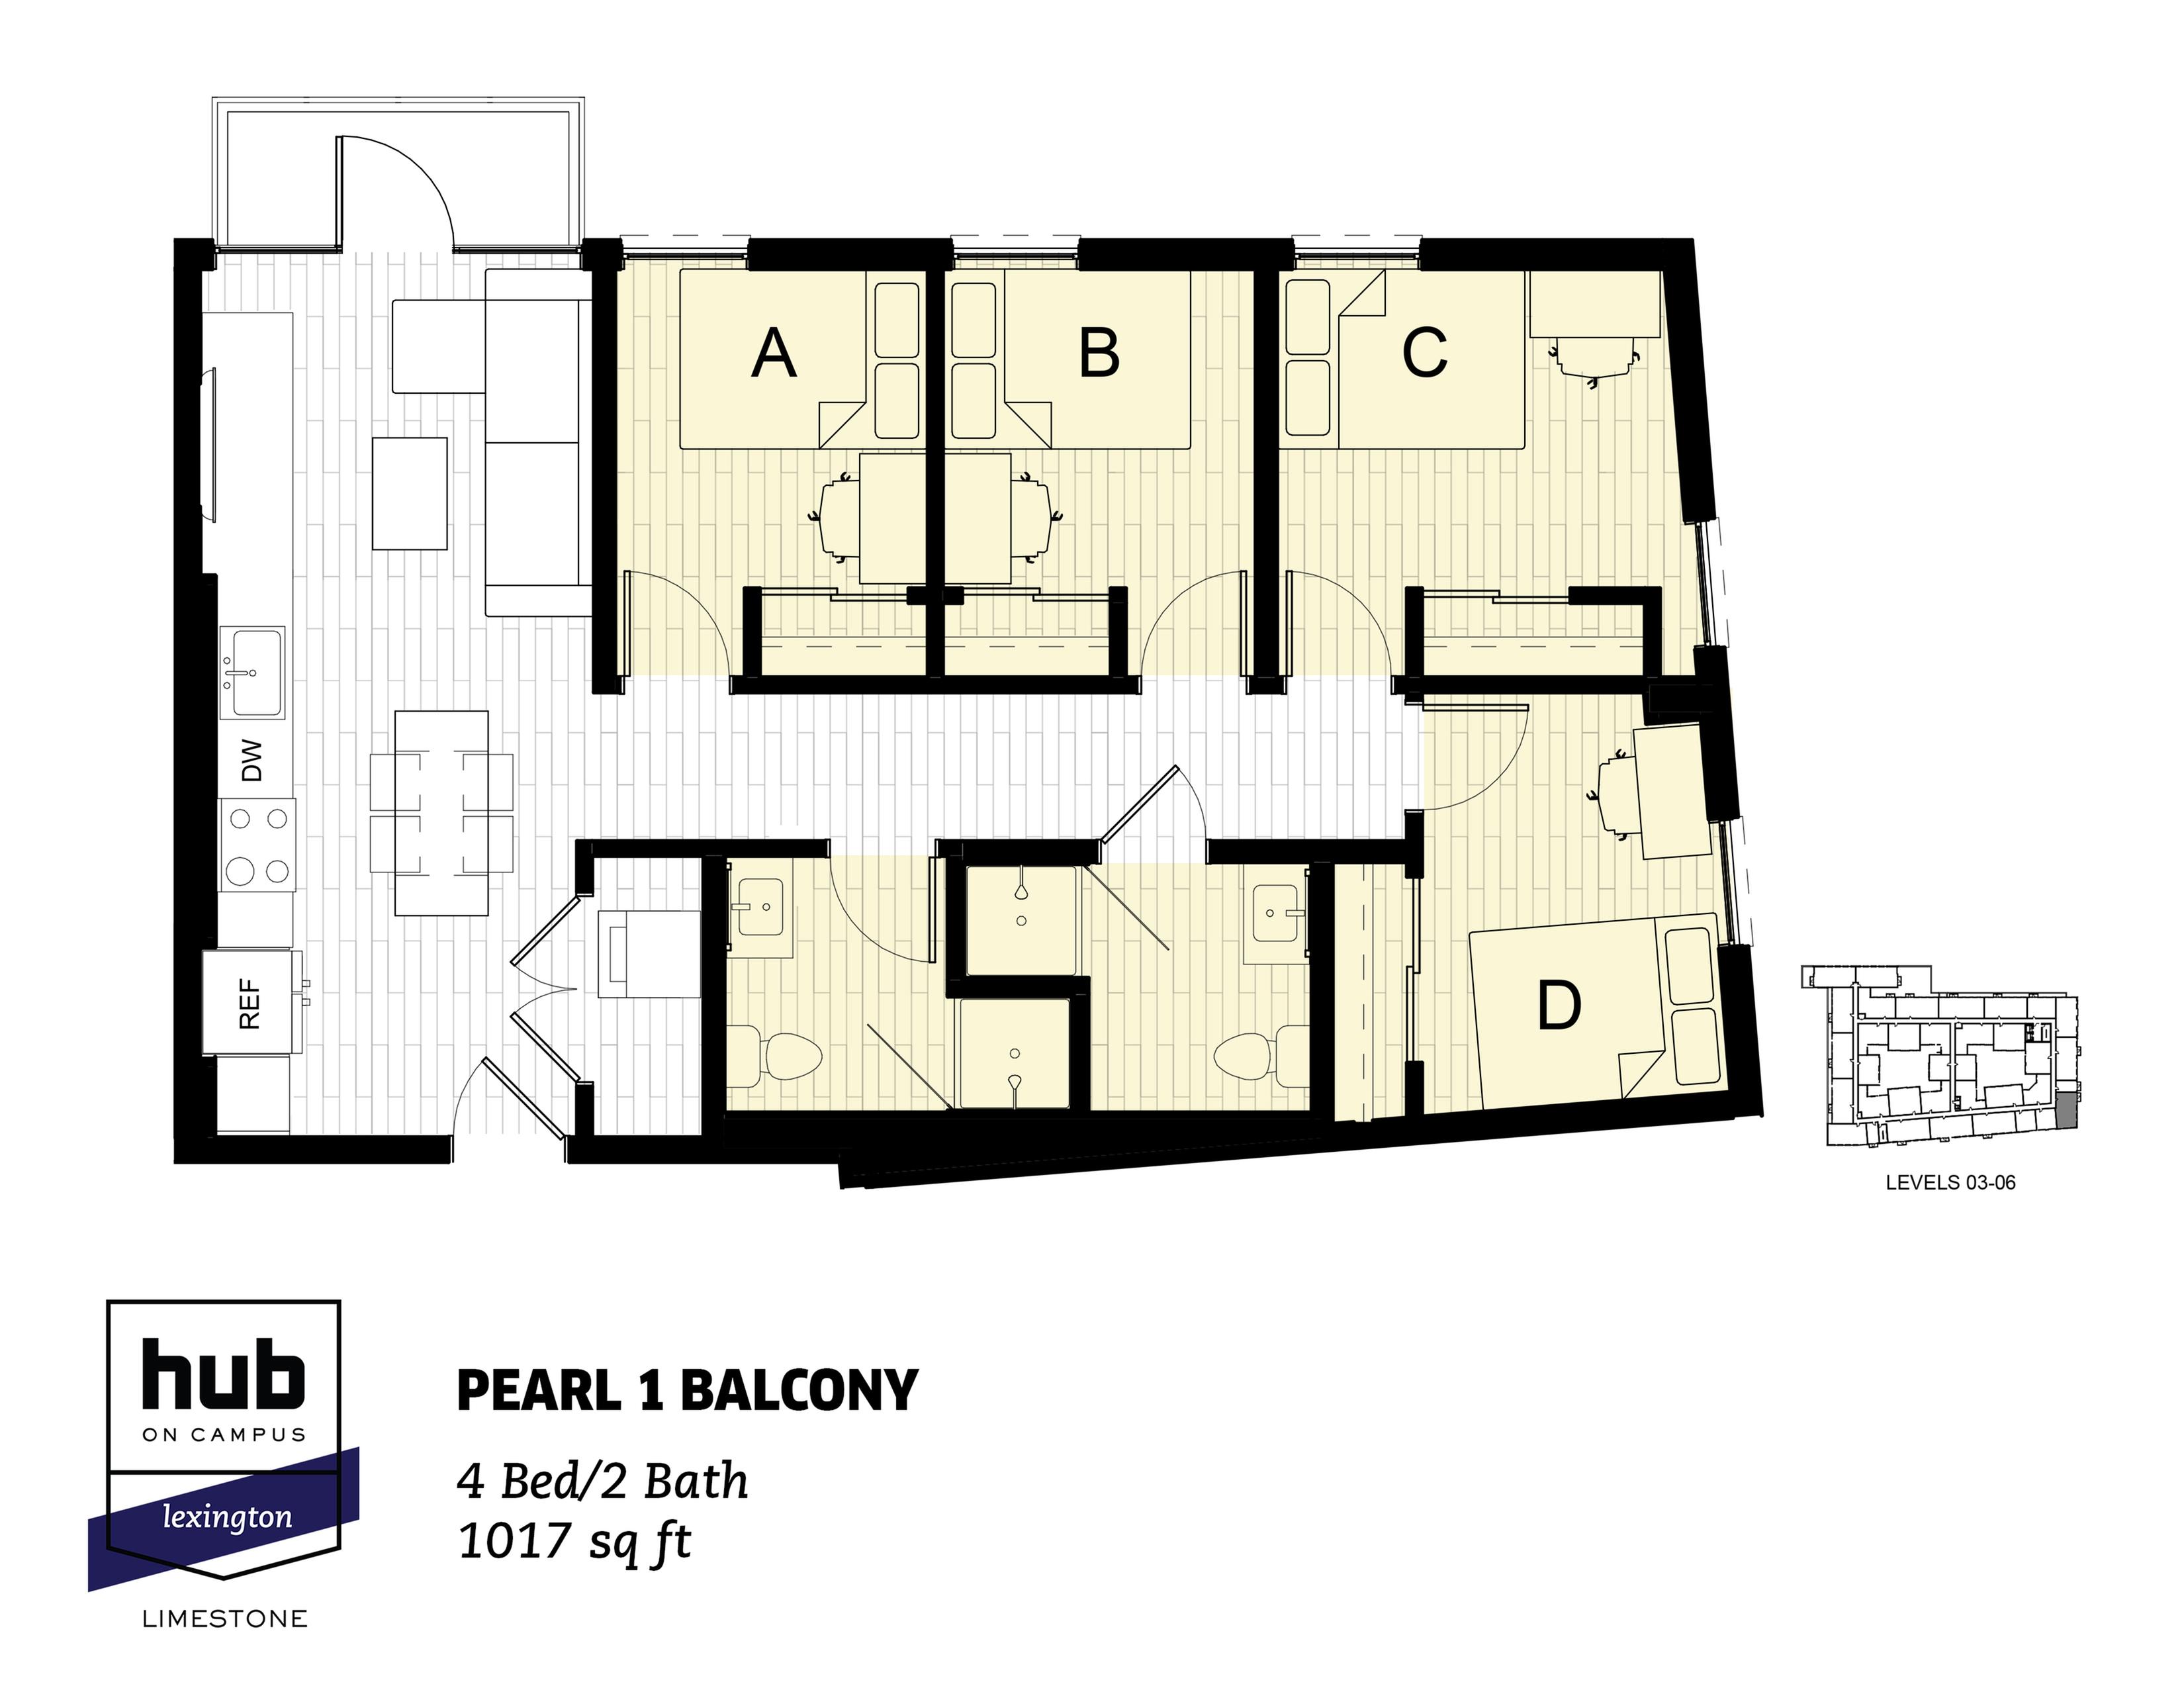 Pearl 1 Balcony